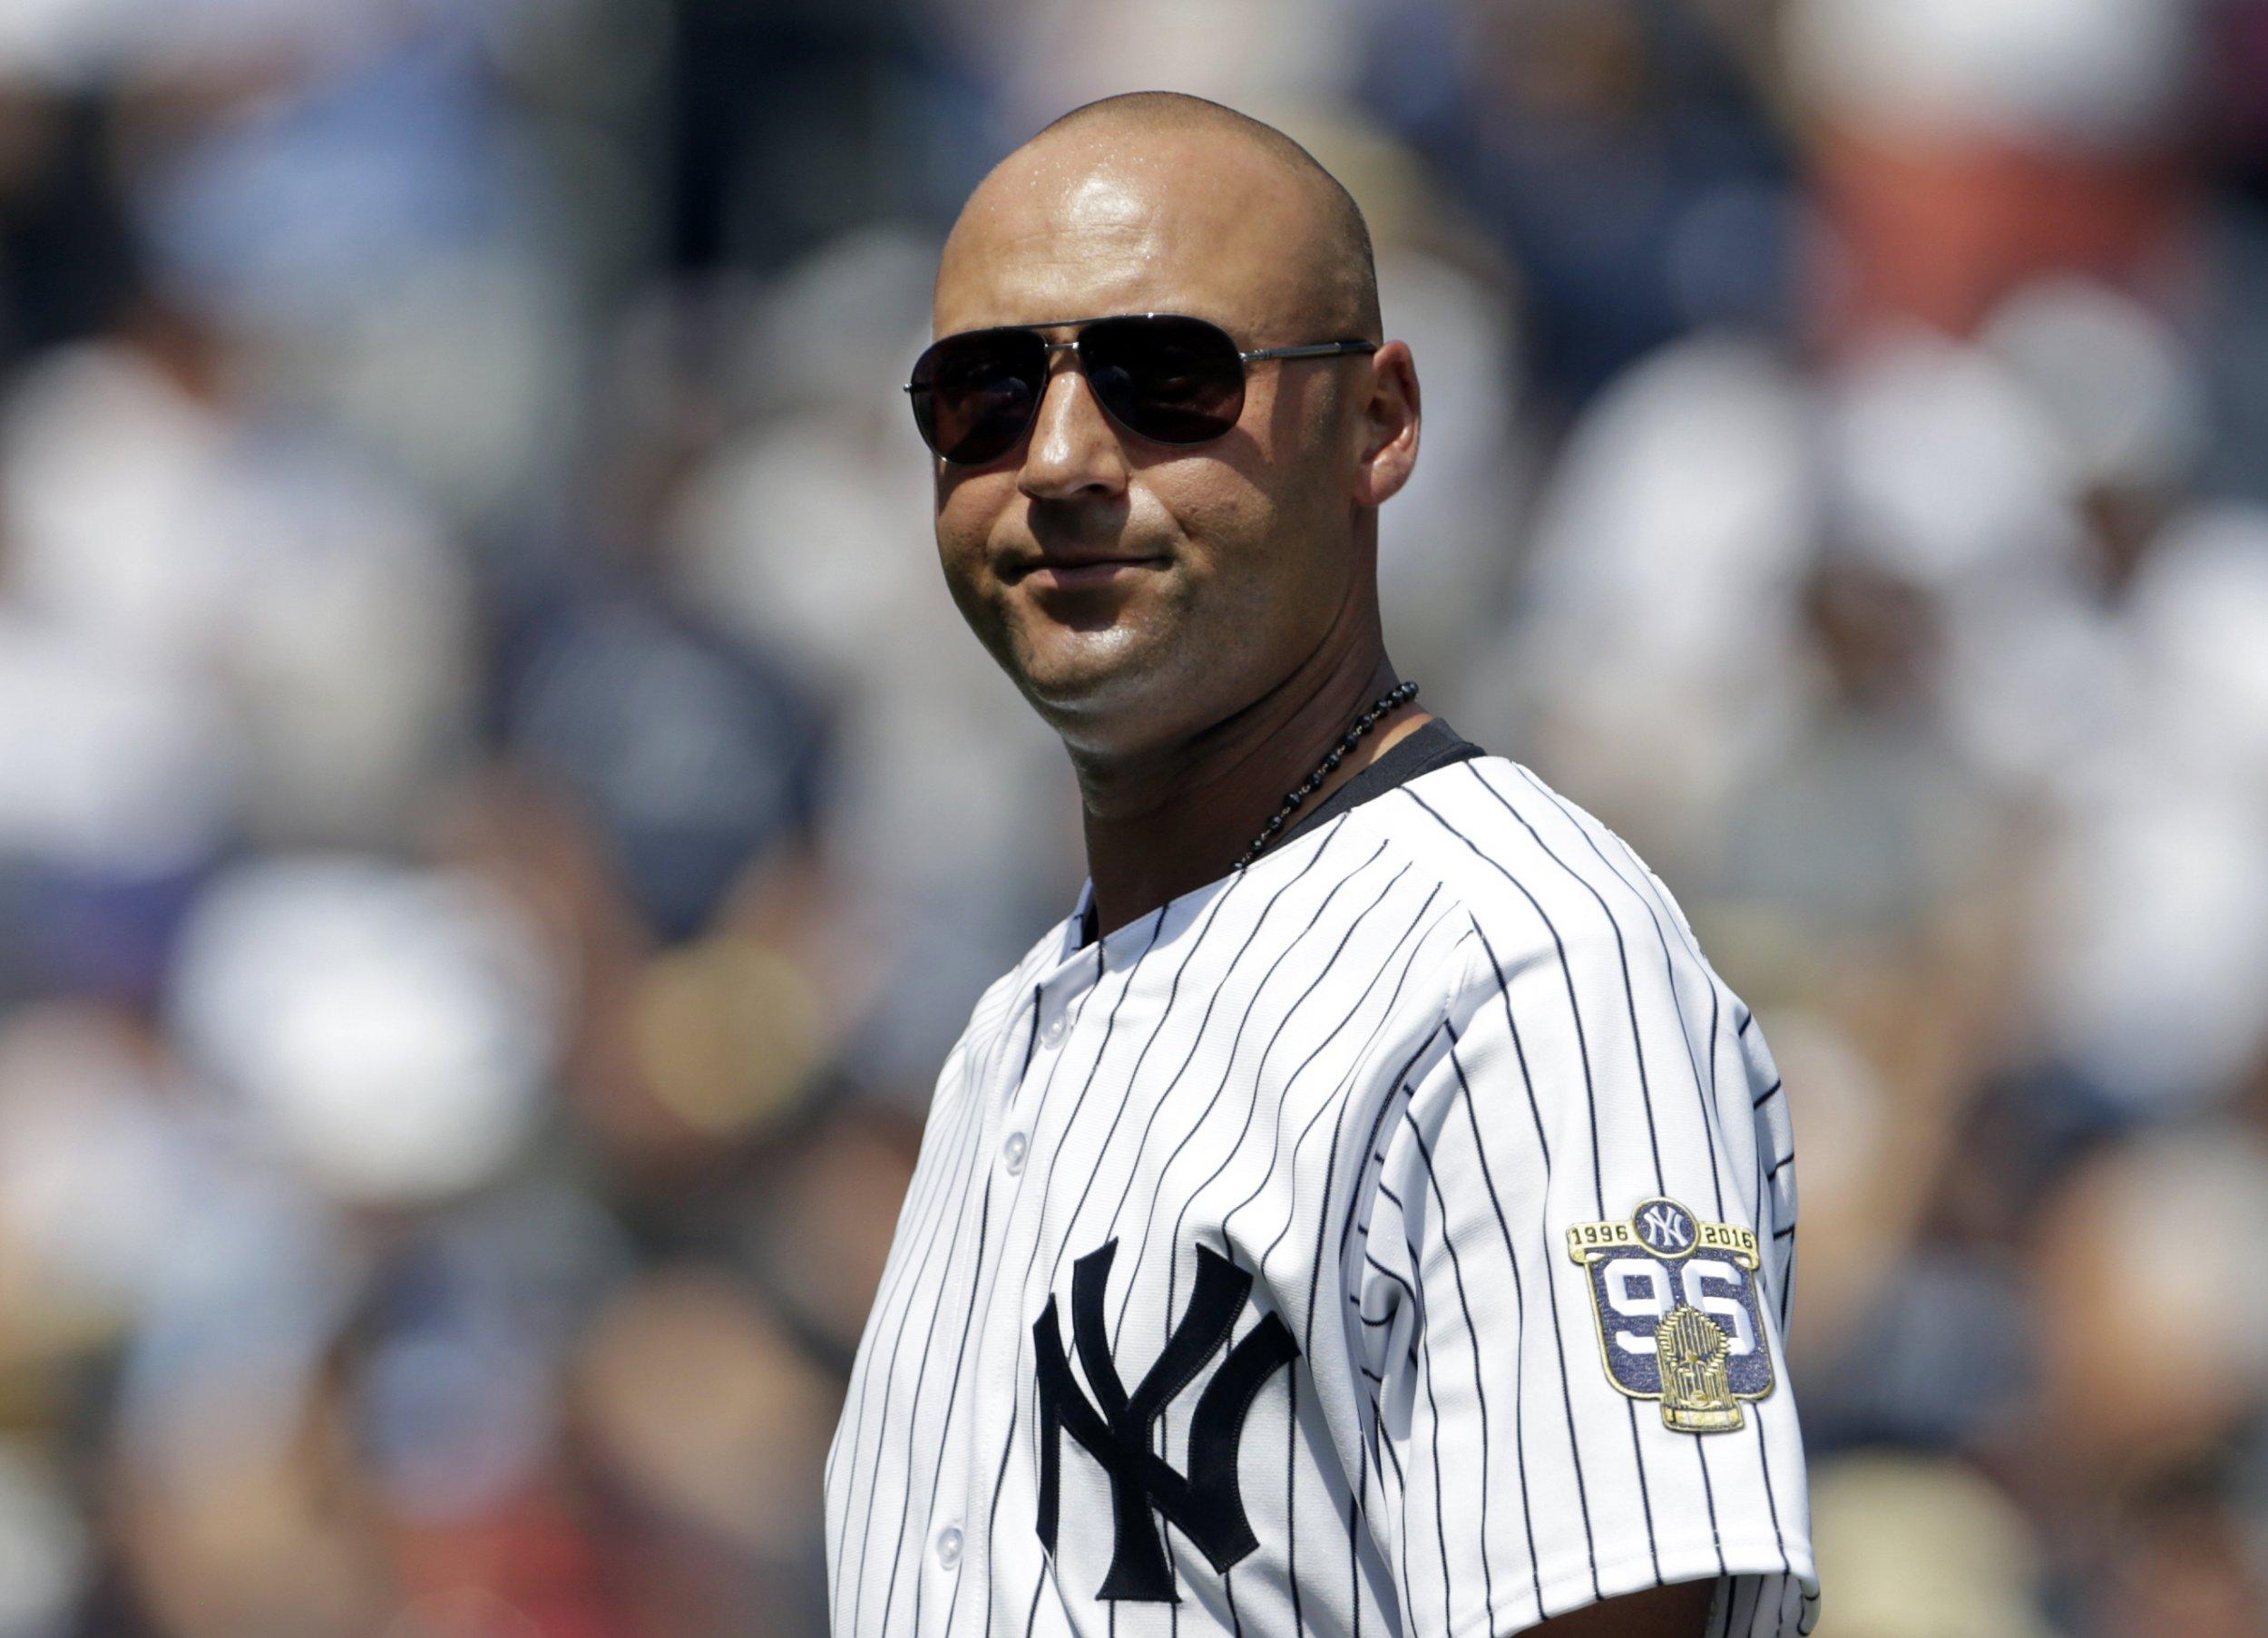 Former New York Yankees shortstop Derek Jeter.